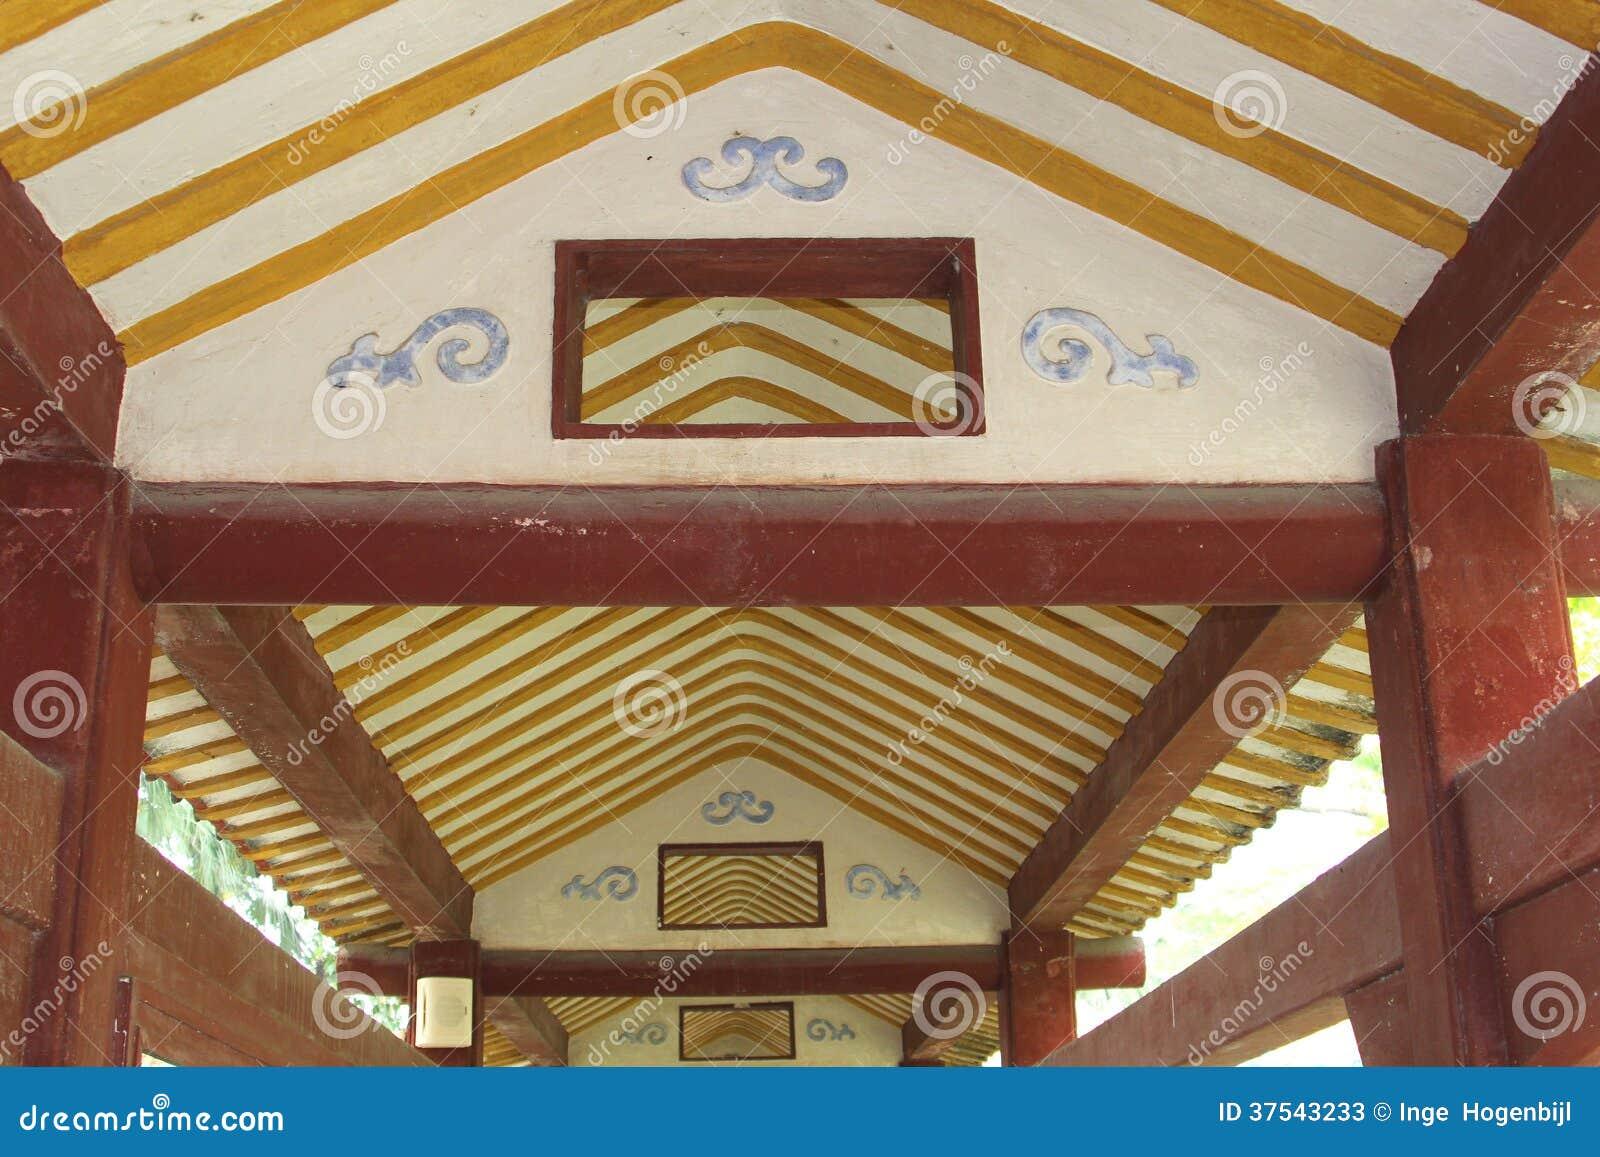 De wijnoogst verfraaide houten plafond in een oude galerij in china stock foto 39 s afbeelding - Verf een houten plafond ...